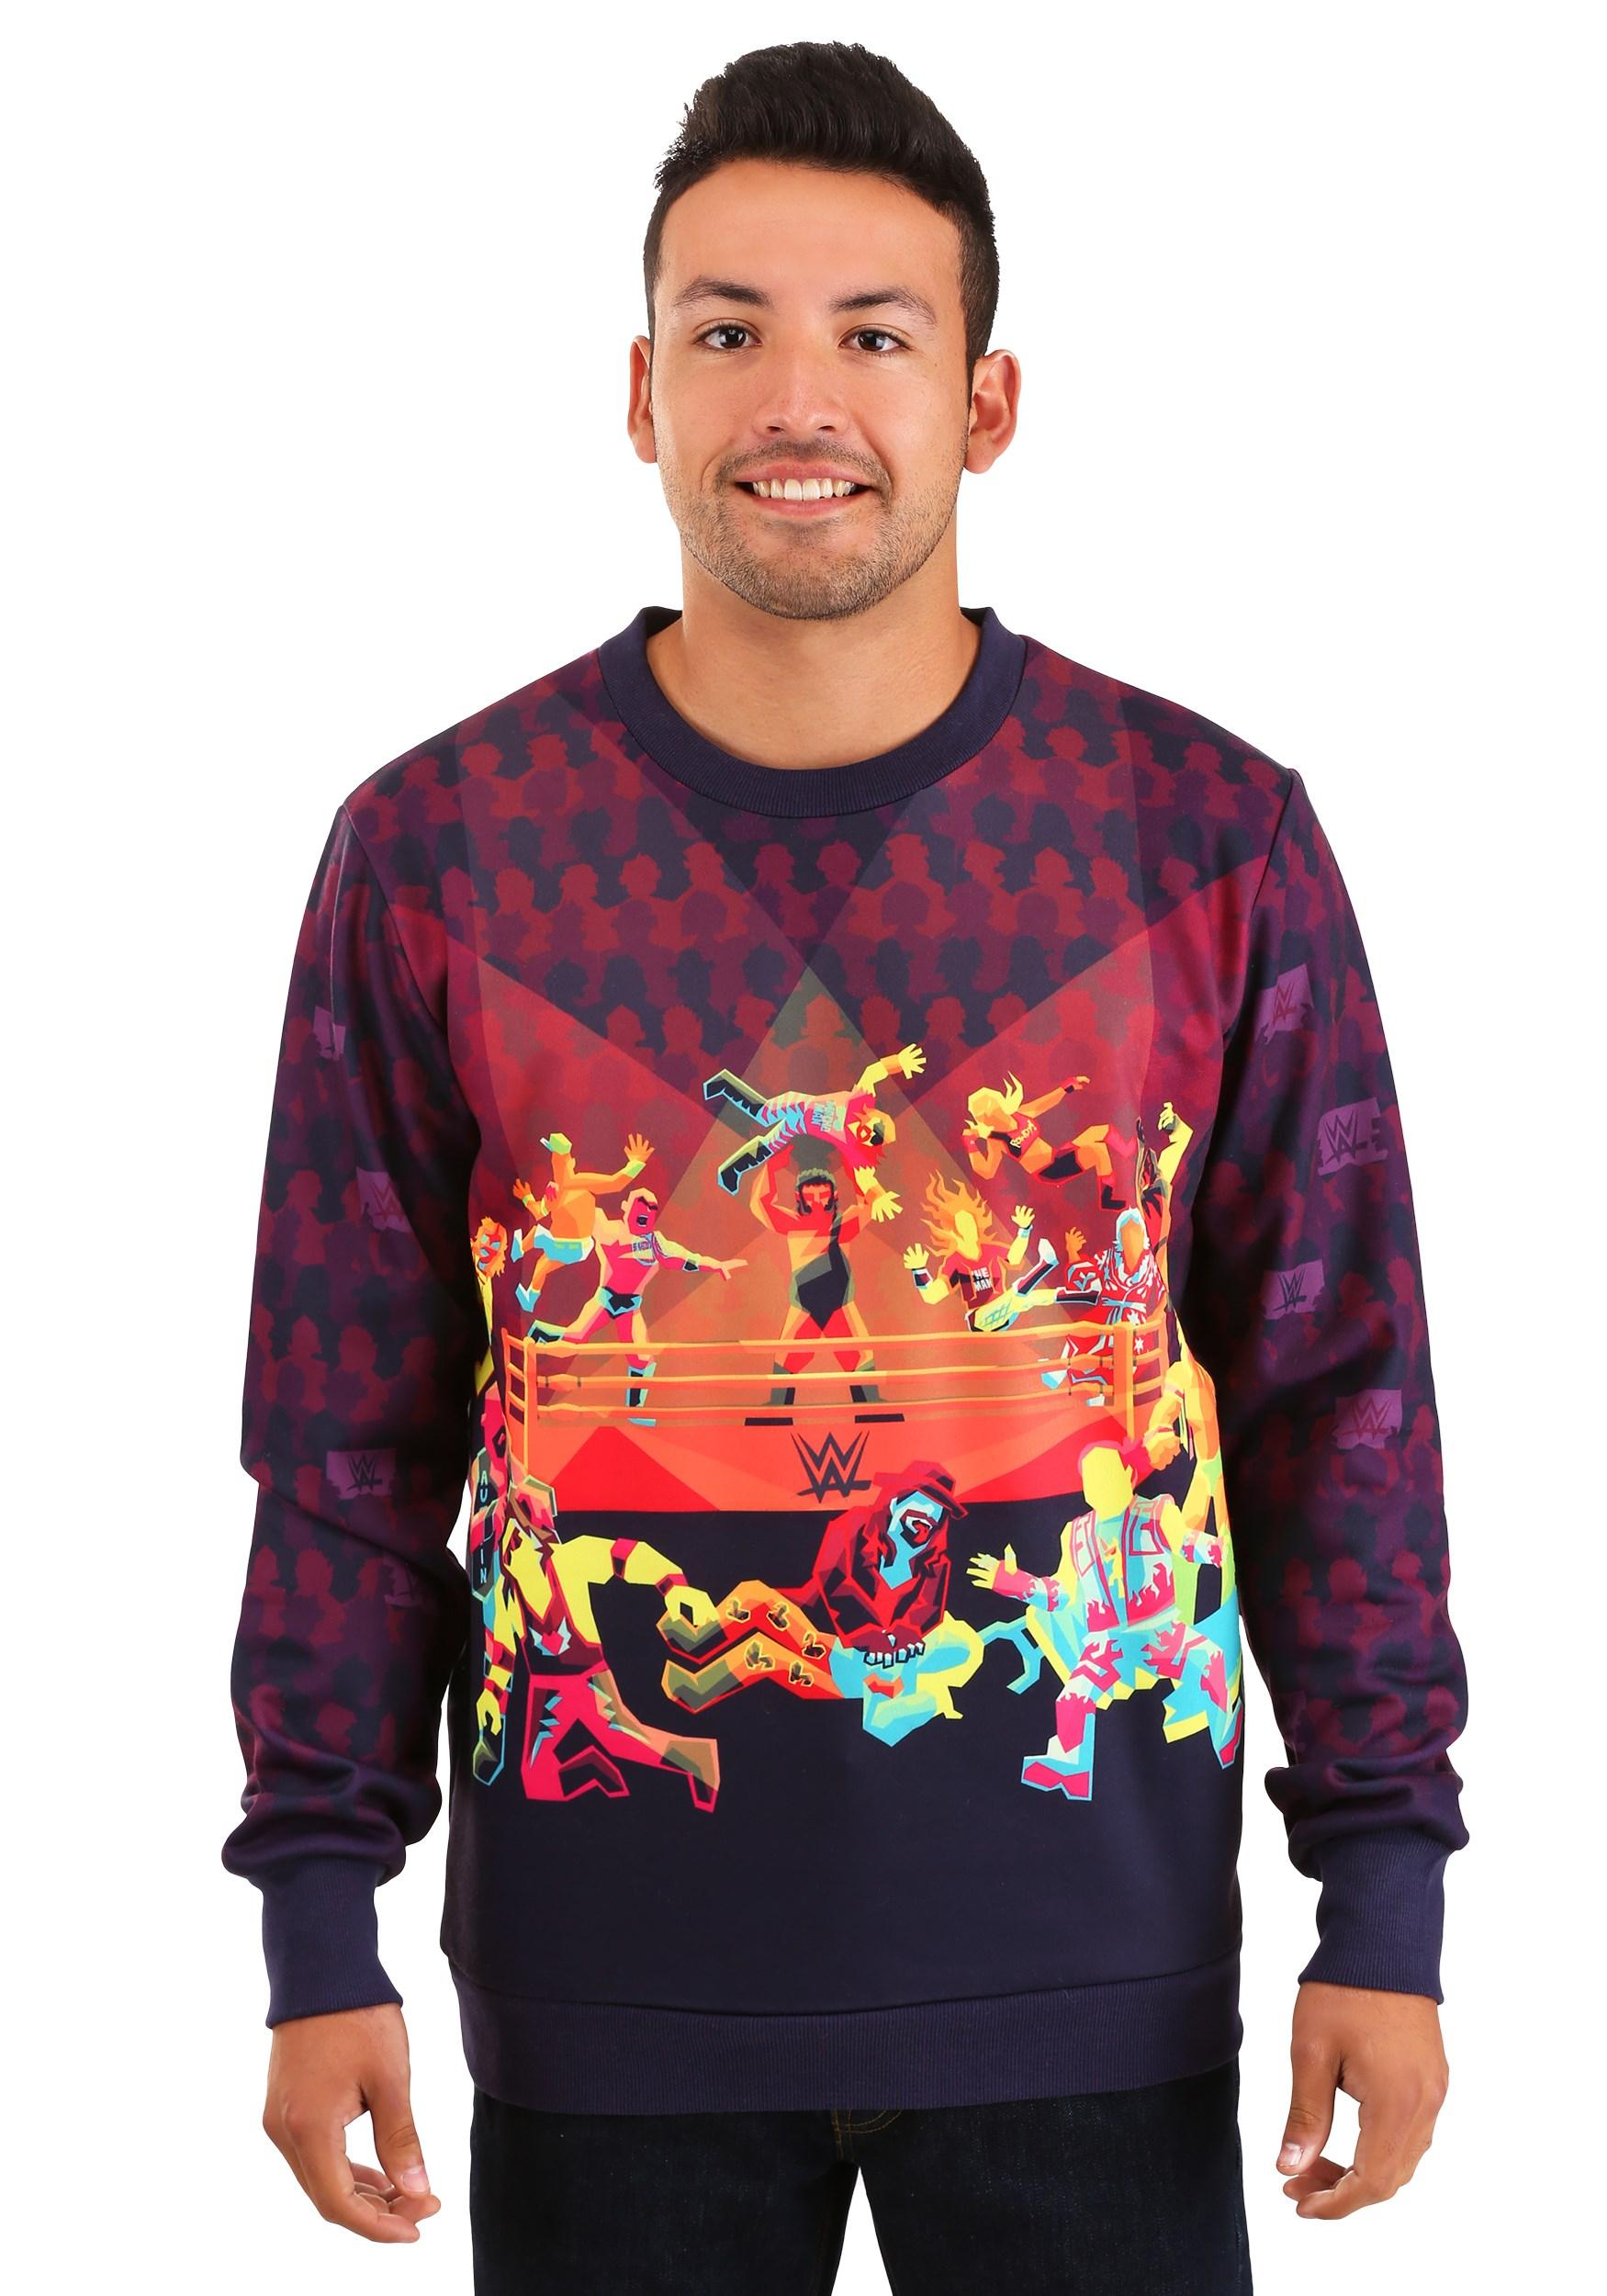 Radical Rumble WWE Ugly Sweater